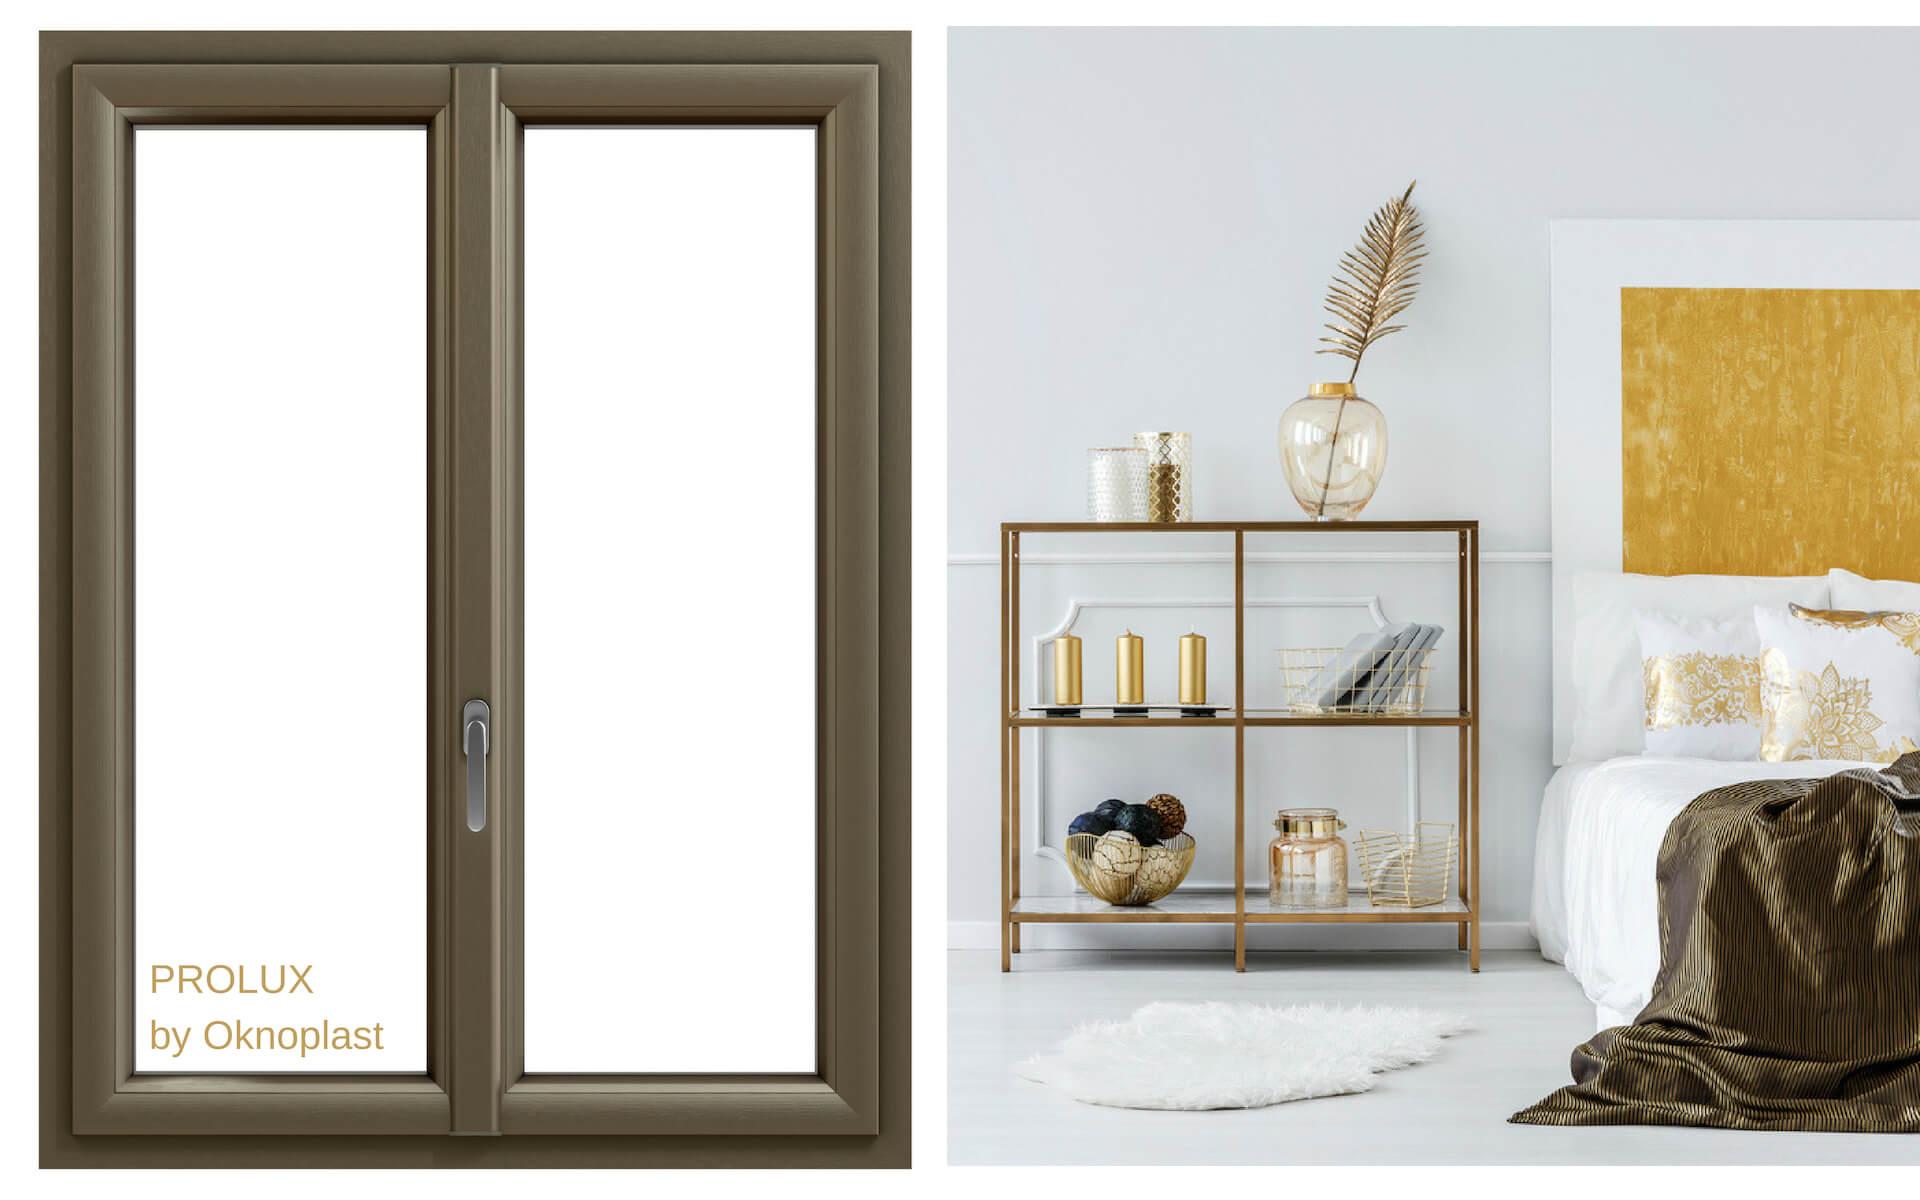 Suggerimenti per abbinare le finestre ad arredi e oggetti colore ottone